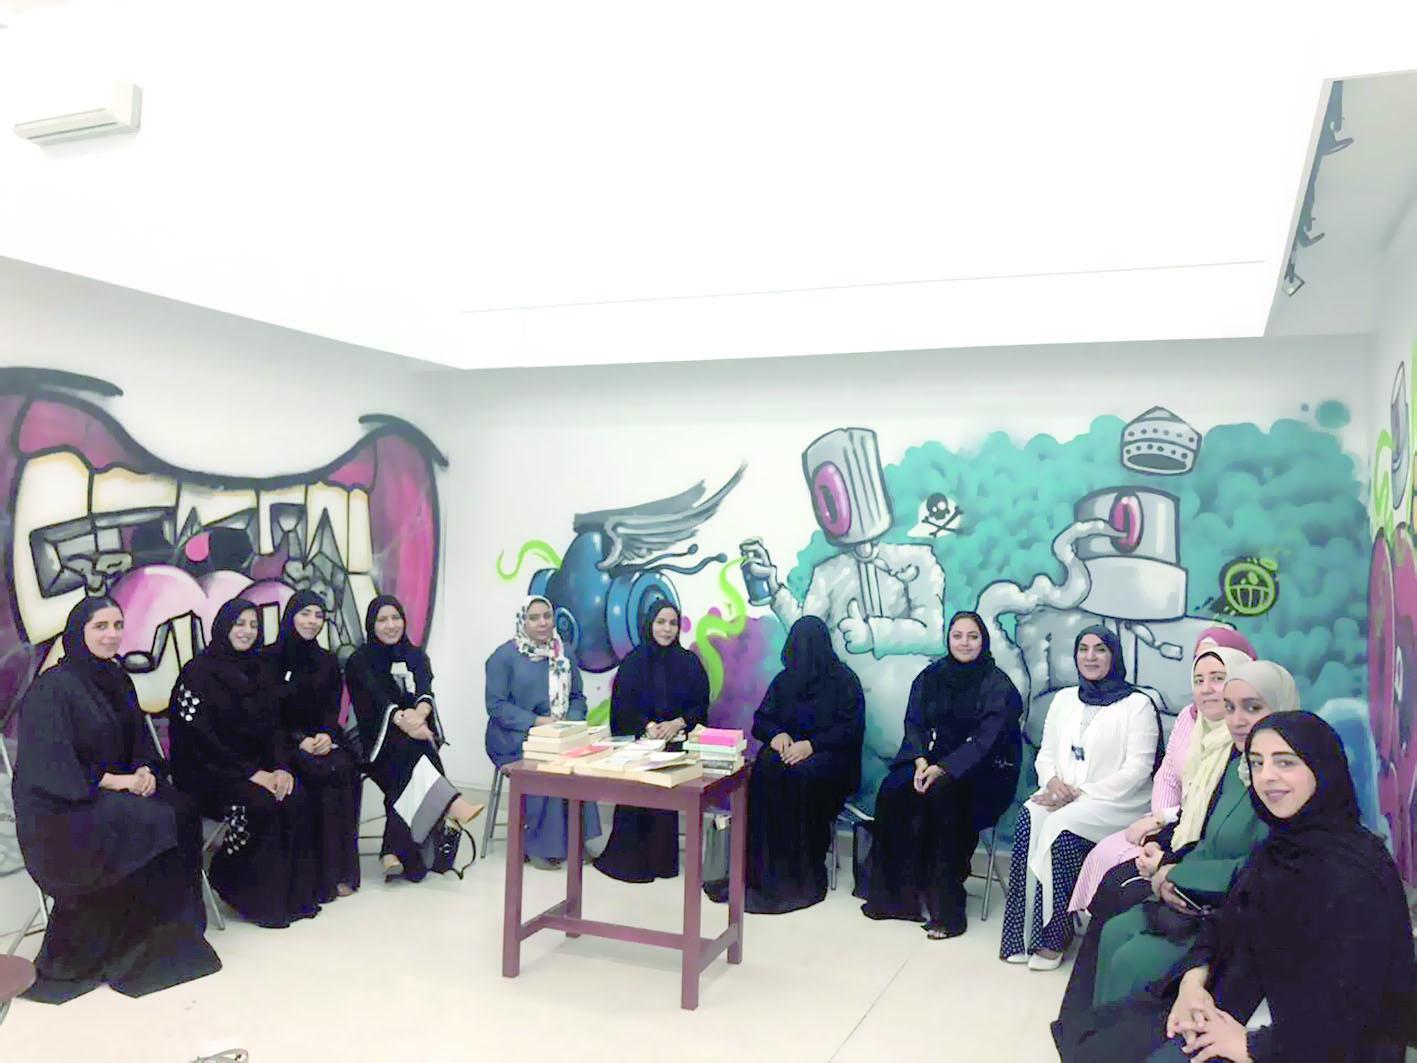 تنظيم قراءة حول الفنون التشكيلية بمقر الجمعية